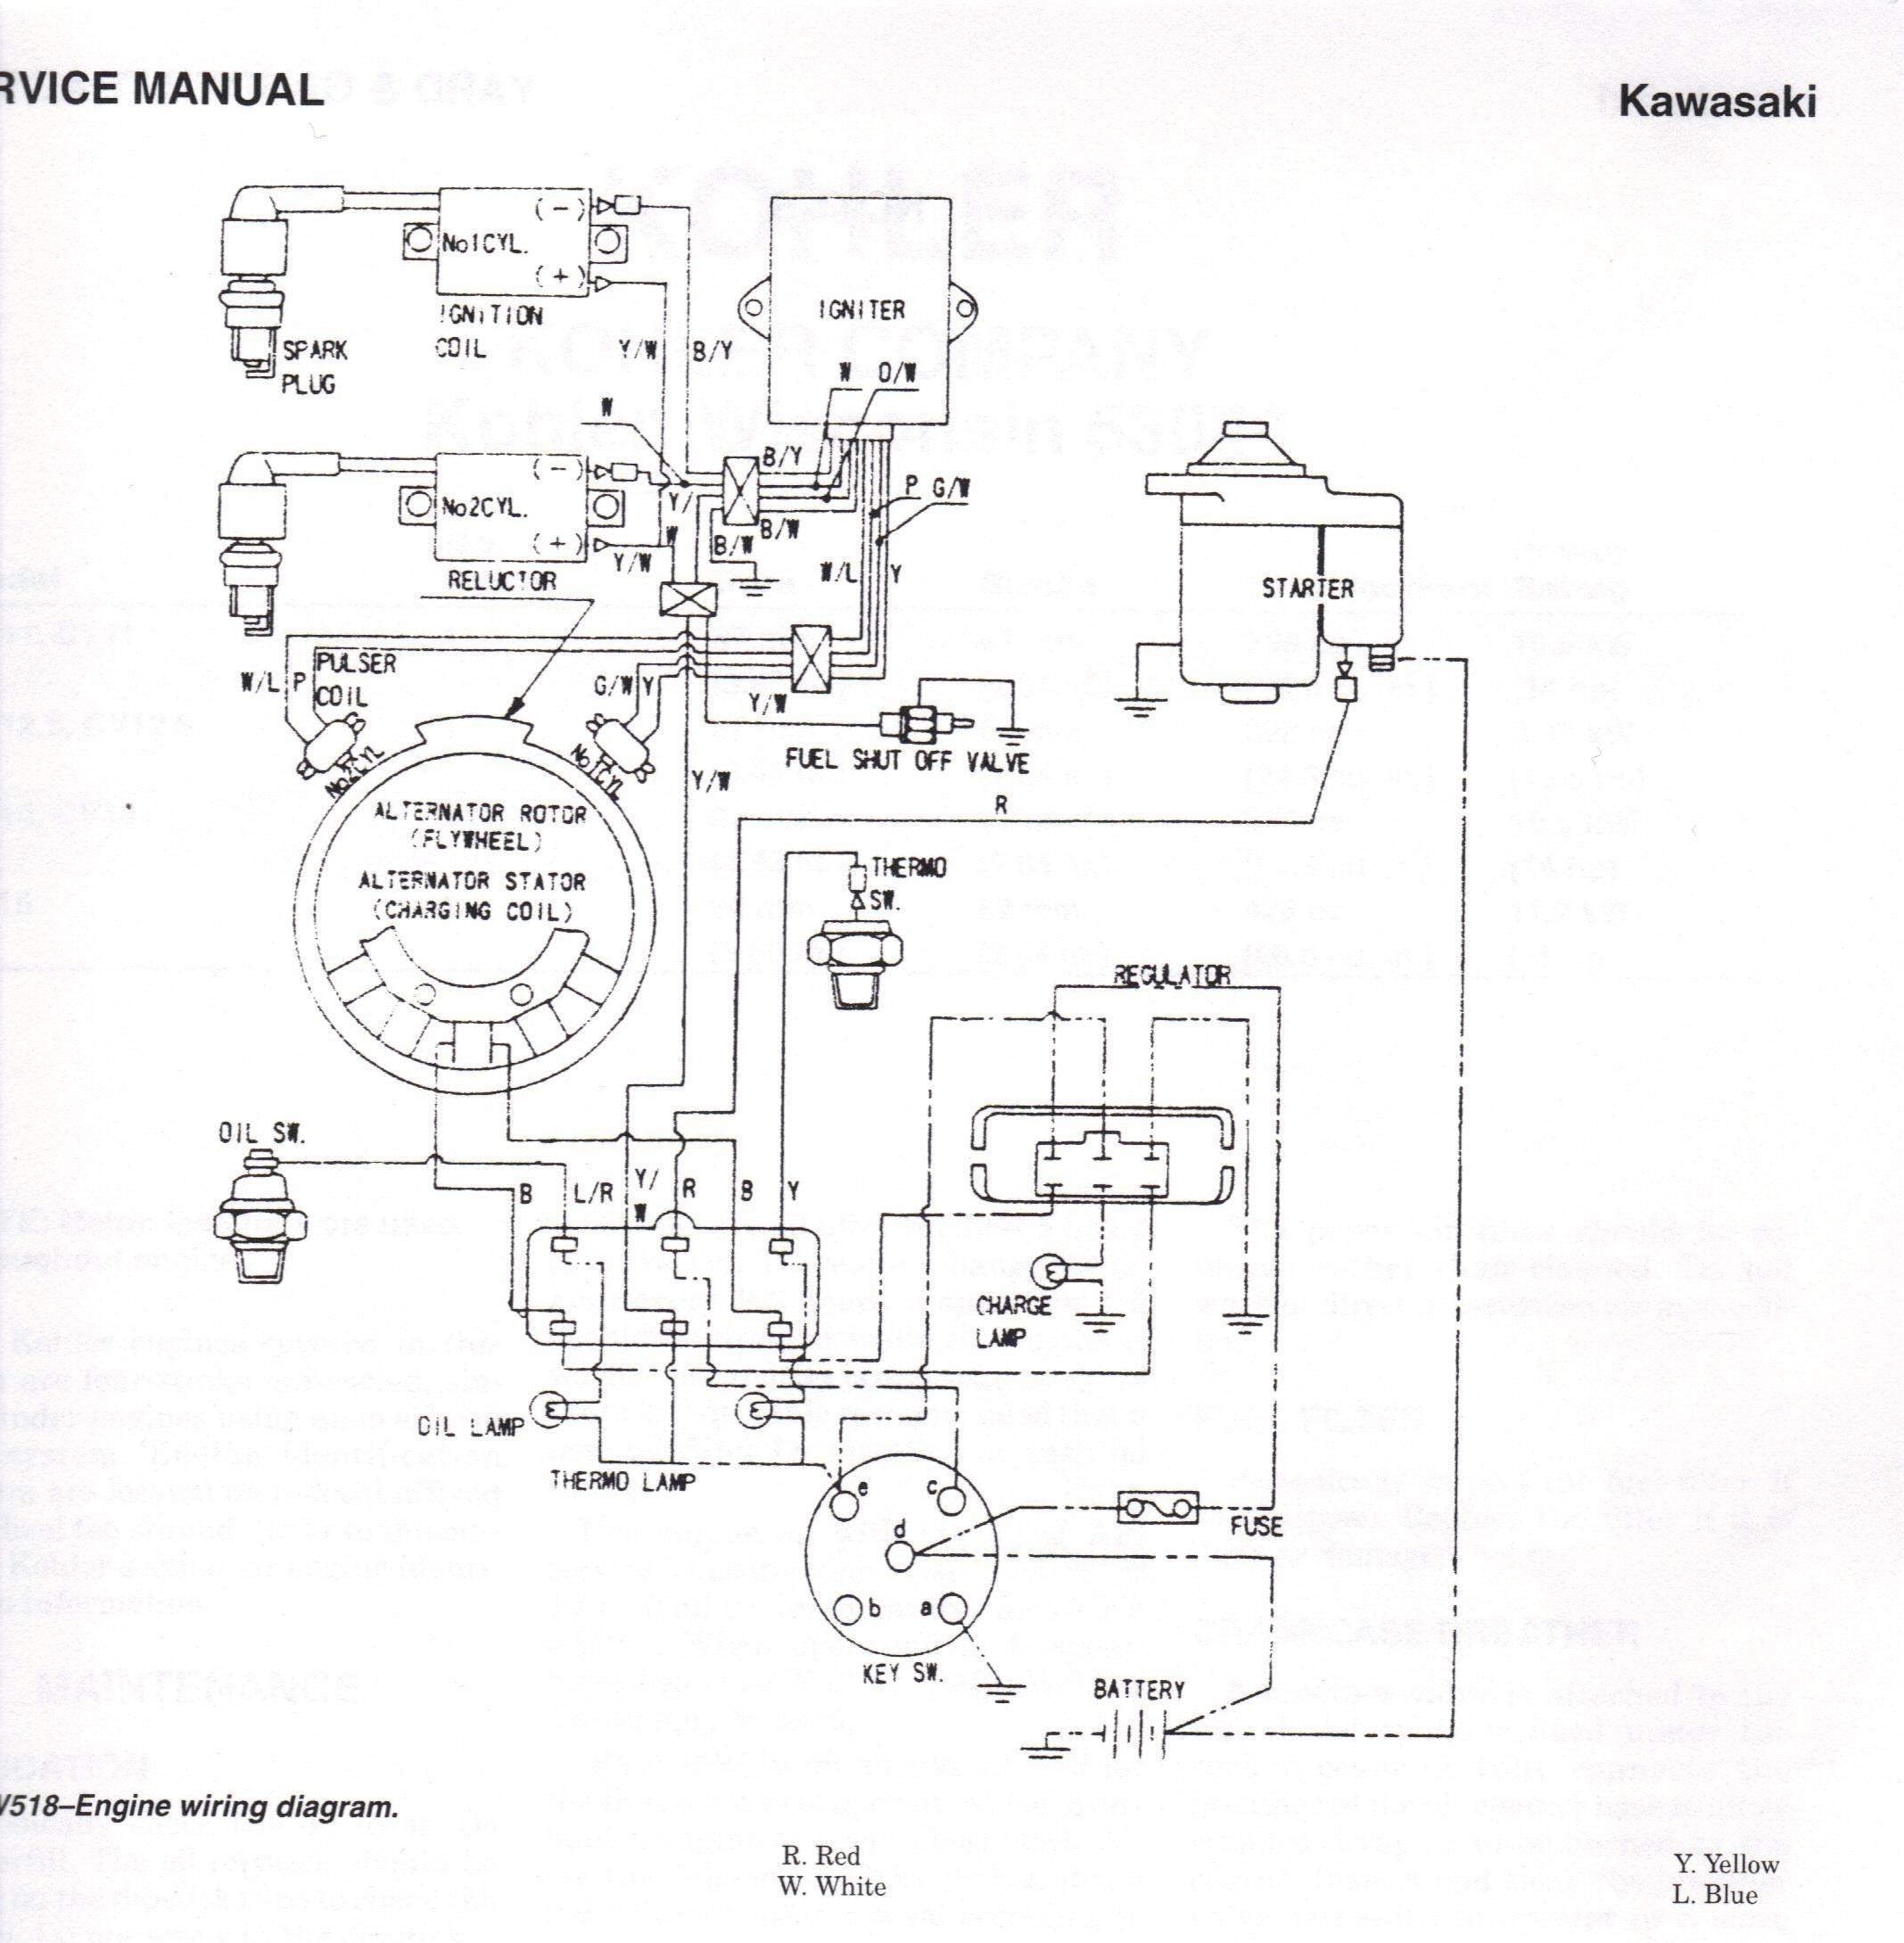 John Deere Gator Wiring Diagram